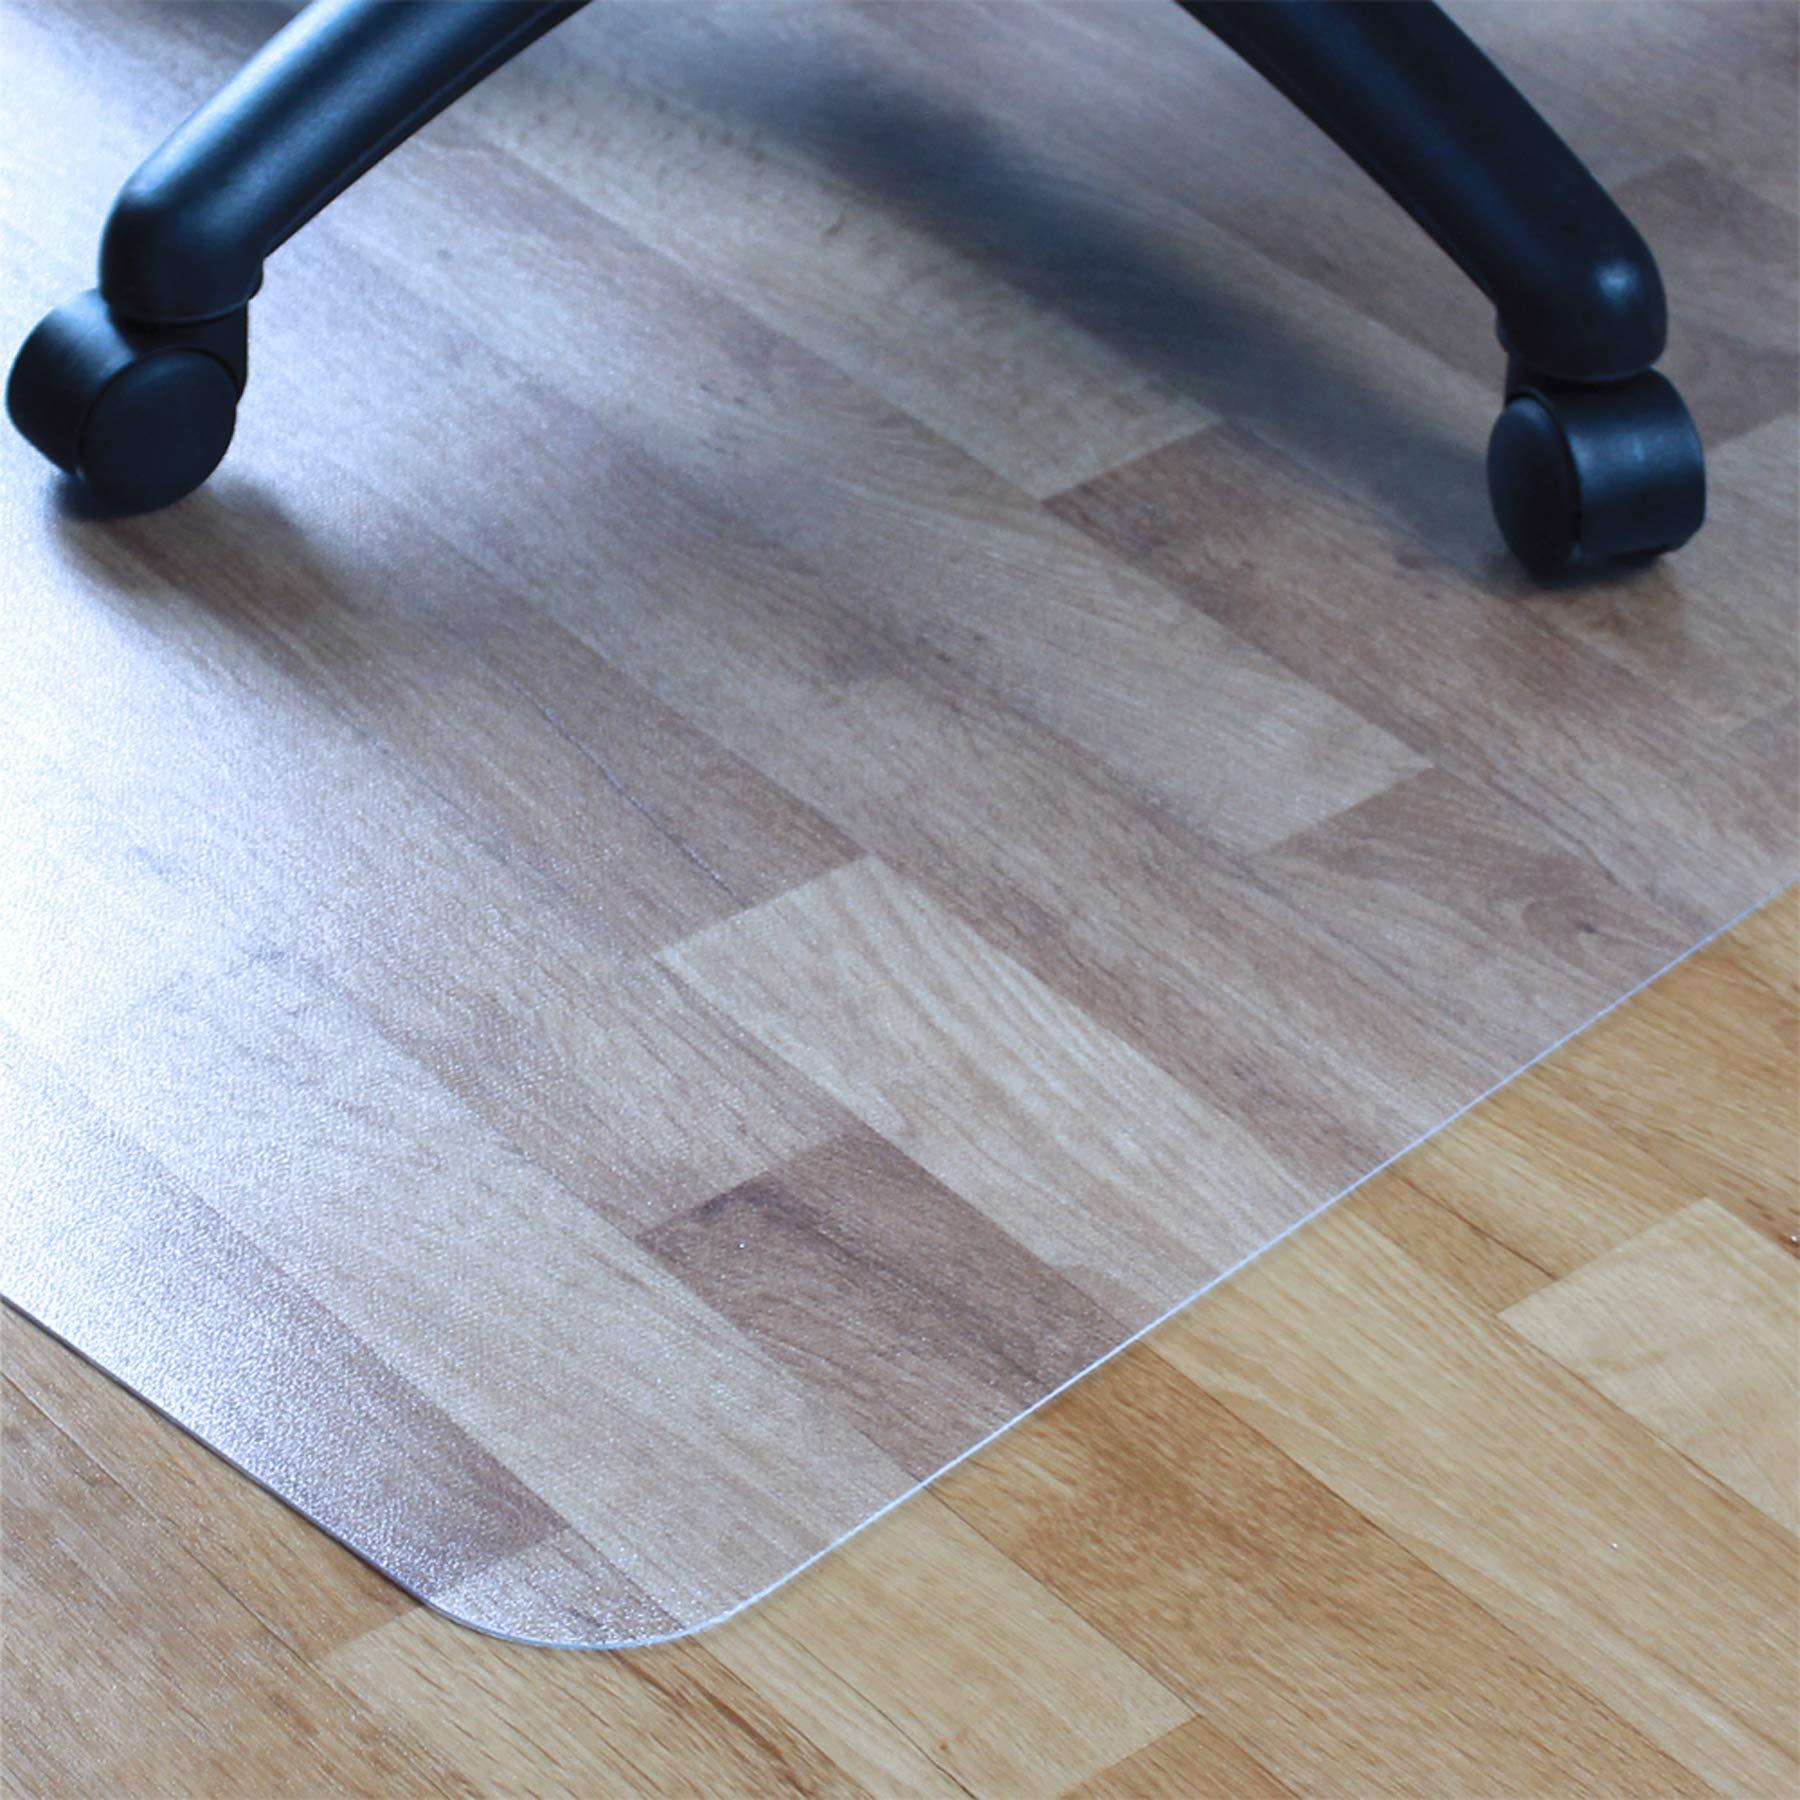 Floortex Chair Mat with Lip 60'' x 48'' for Hard Floors by Floortex